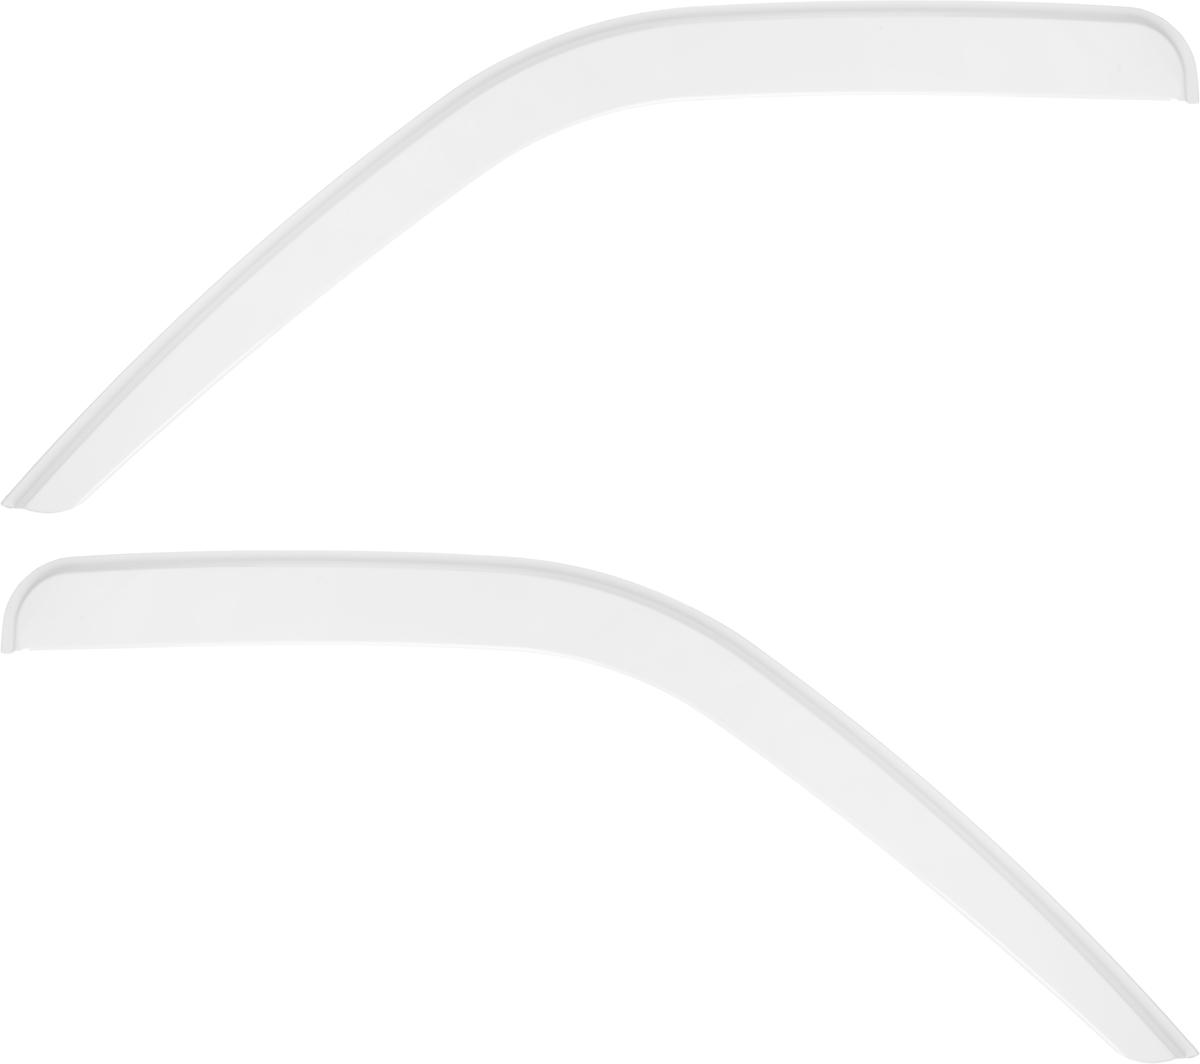 Ветровик REIN, для Газ 3302 Газель, цвет: белый, на накладной скотч 3М, 2 штREINWV034Ветровики REIN разрабатываются индивидуально под каждую модель автомобиля. При разработке используются современные технологии 3D-сканирования и моделирования, благодаря чему удается точно повторить геометрию кузова автомобиля. Важным фактором успеха продукта является качество используемых материалов. Для дефлекторов REIN используется традиционный материал – полиметилметакрилат (PMMA), обладающий оптимальными свойствами для производства ветровиков: высокая прочность и пластичность, устойчивость к температурным колебаниям и внешним химическим воздействиям. Ведется строгий входной контроль поступающего сырья, благодаря чему удается избежать негативного влияния разнотолщинности листов на геометрию изделий. Для крепления ветровиков в комплекте предусмотрен специализированный скотч 3М, благодаря чему достигается высокая адгезия.